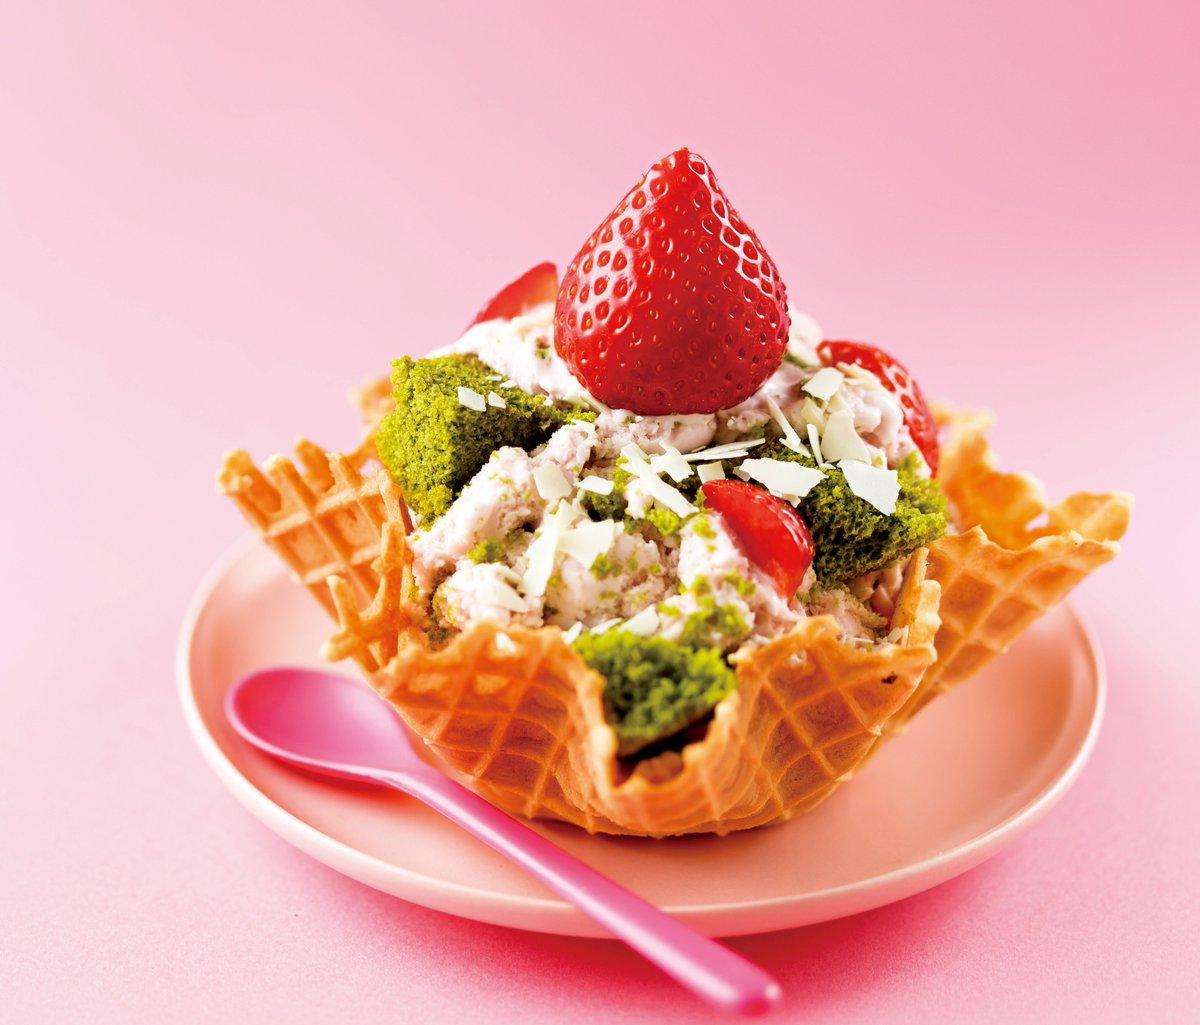 東京スカイツリータウンの桜スイーツ - 桜餡のソフトクリームやシュークリームなど春らしいピンク色 f…